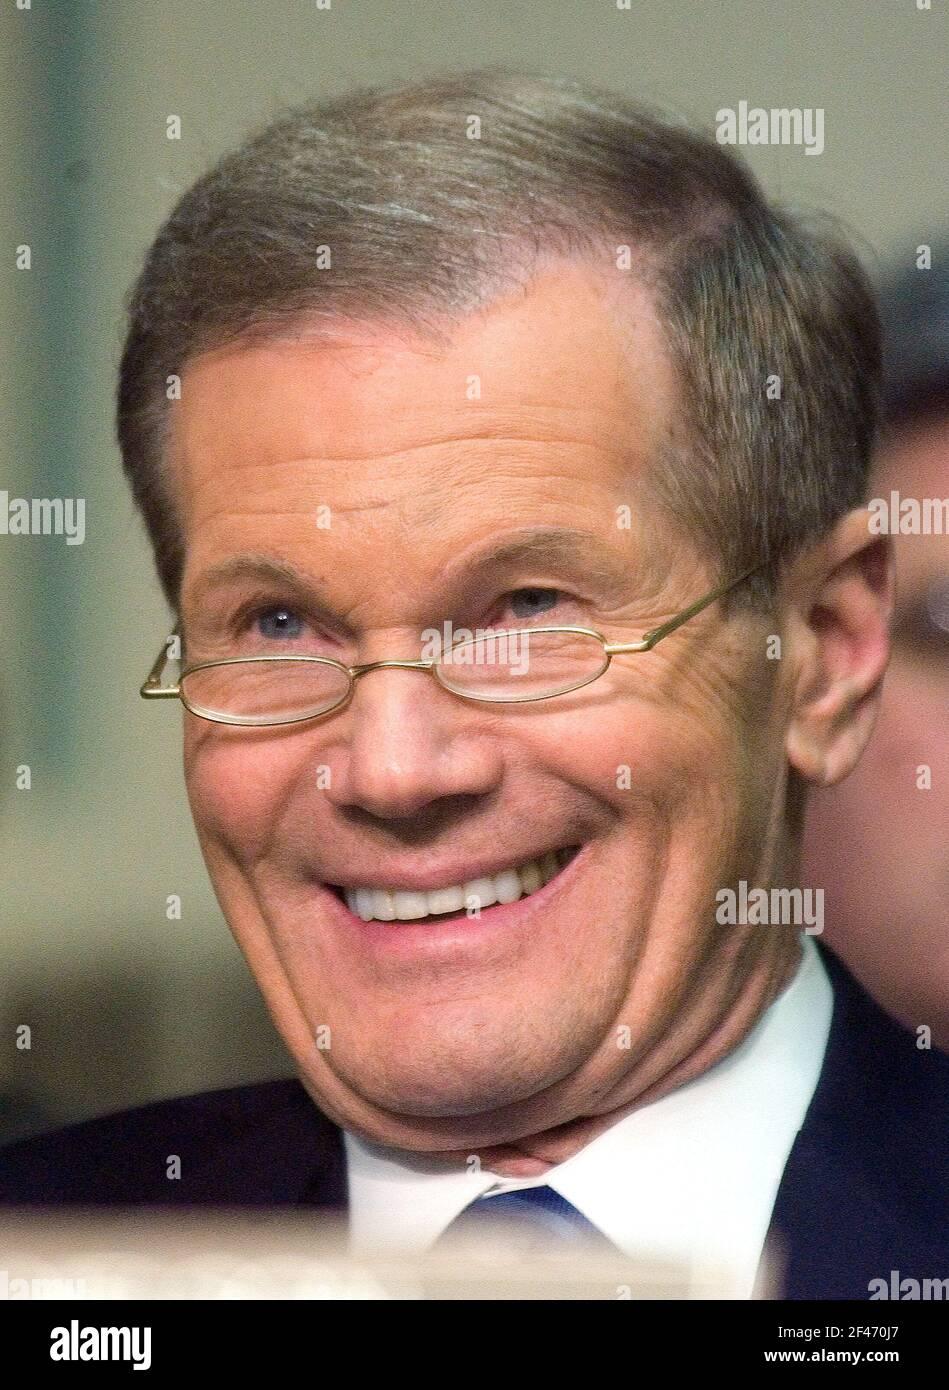 US-Senator Bill Nelson (Demokrat von Florida) hört sich die Aussagen des designierten US-Handelsministers Carlos Gutierrez zu seiner Ernennung, Don Evans am 5. Januar 2004 vor dem US-Senatsausschuss für Handel, Wissenschaft und Verkehr in Washington, D.C., zu ersetzen. .Credit: Ron Sachs / CNP weltweit Stockfoto